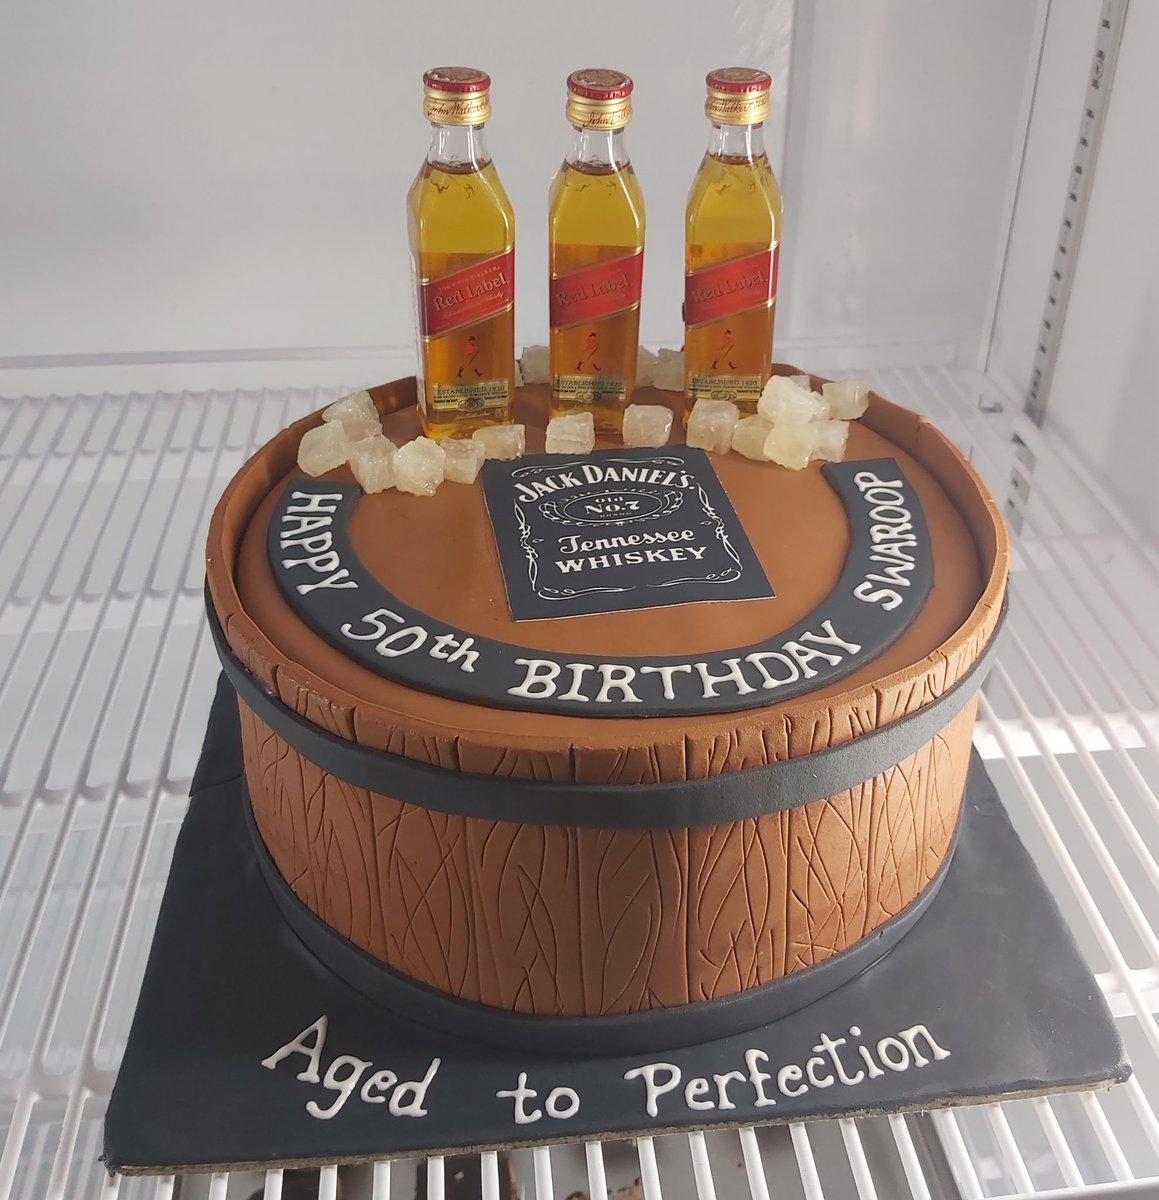 50th Birthday celebration cake 🥰😋😍  #Cake #LoveForCakes #FoodPhotography #CakeDesigner #CakePhotography #Fondant #FondantArt #cakedecorating #CakesofInstagram #Cakesmash #Cakepops #Cakeboss #Cakedecorator #Cakeoftheday #Howtocakeit #Insta #Instagram #Instagood #Food